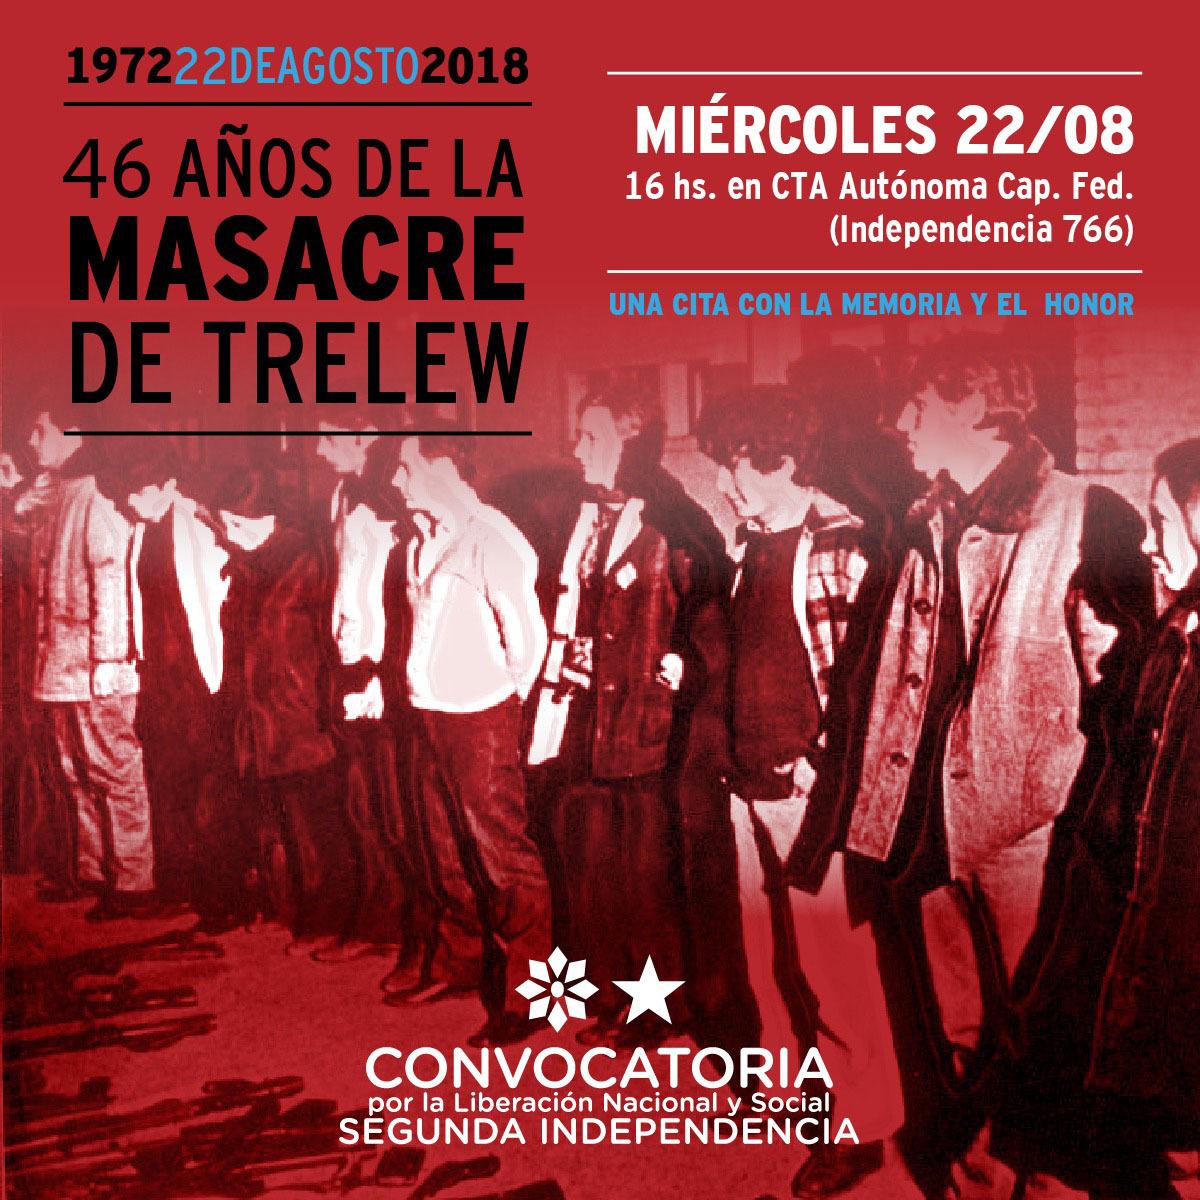 Acto por Trelew de Convocatoria Segunda Independencia:!Siempre presentes!